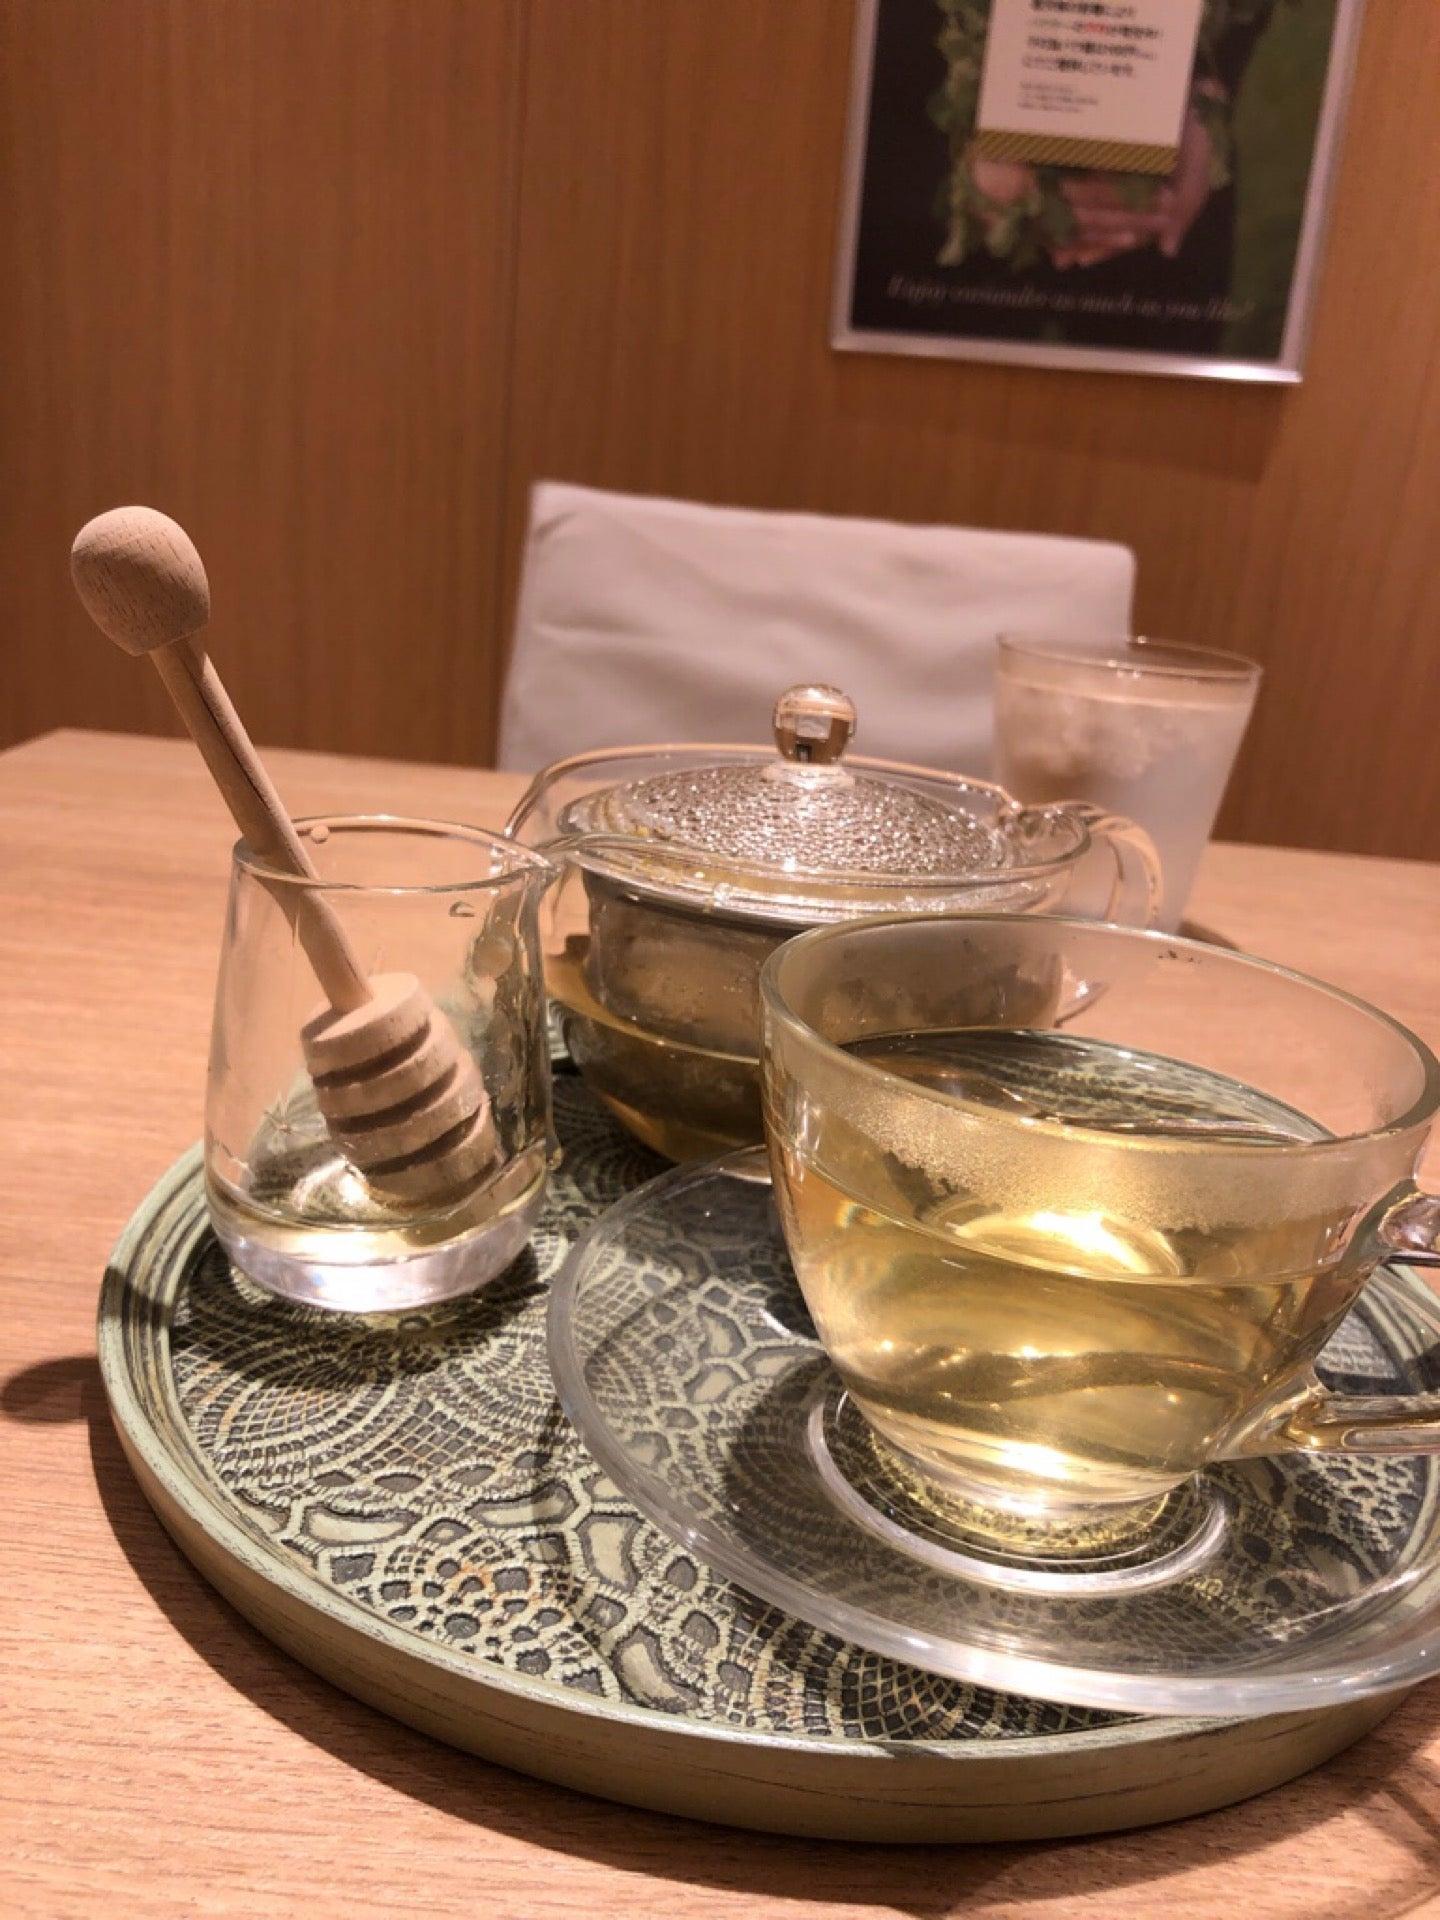 蜂蜜とカモミールティー (@ ライスピープルナイスピープル JRゲートタワー店 in 名古屋市中村区, 愛知県) https://t.co/doLAdBi1ke https://t.co/QV1Kpp332Q